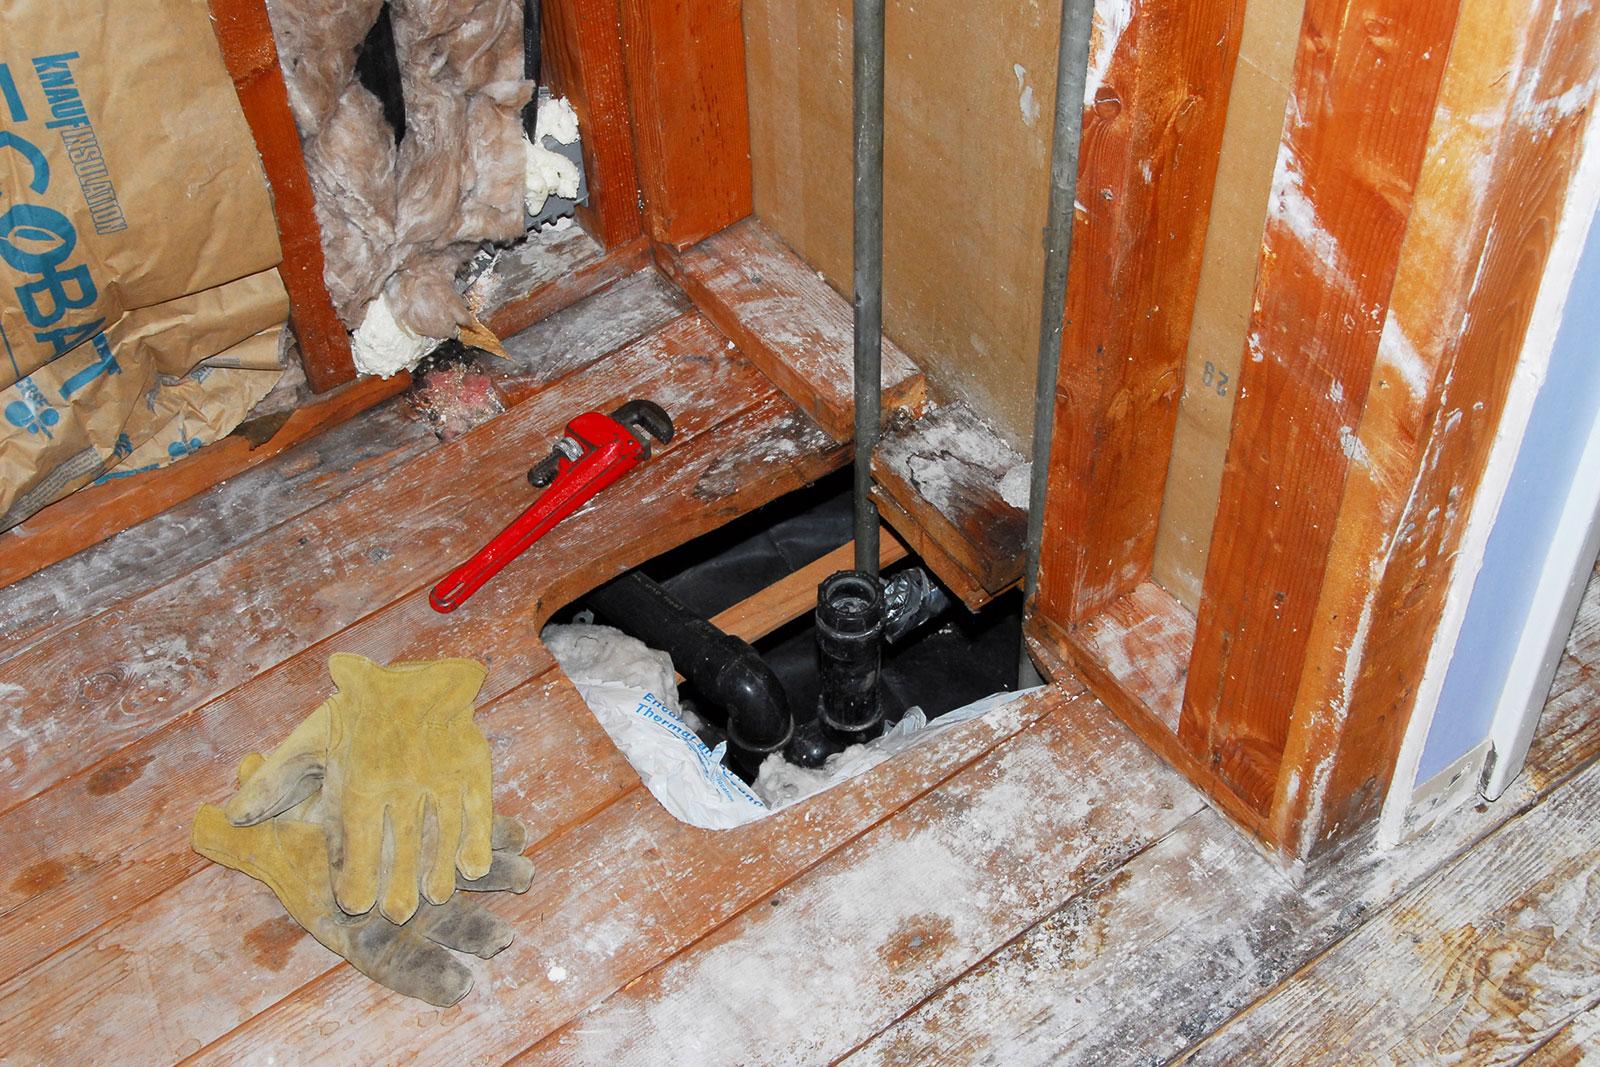 Hole in floor causing an air leak